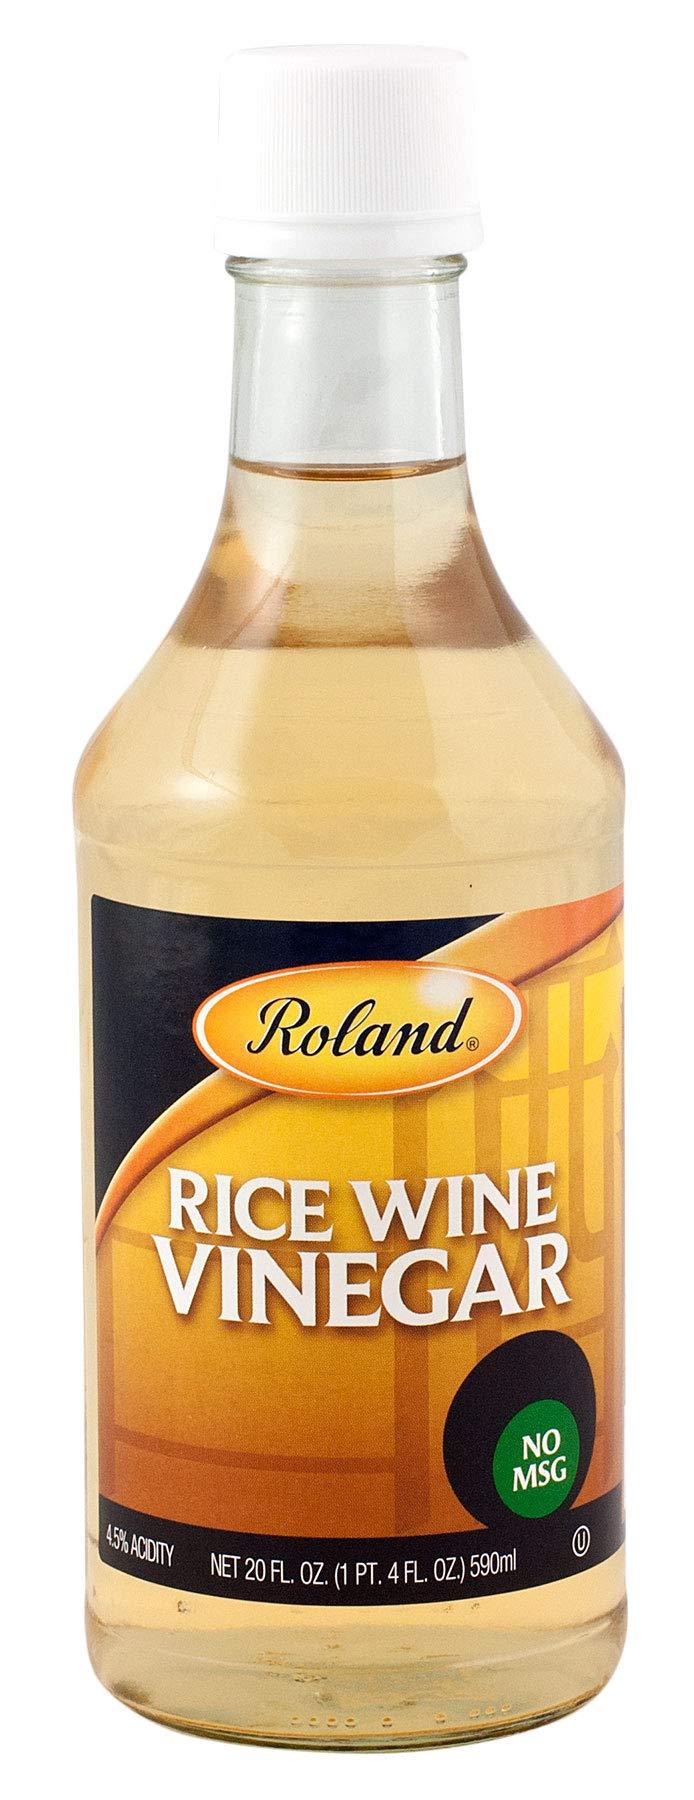 Roland Rice Wine Vinegar With No Msg, 20 fl oz